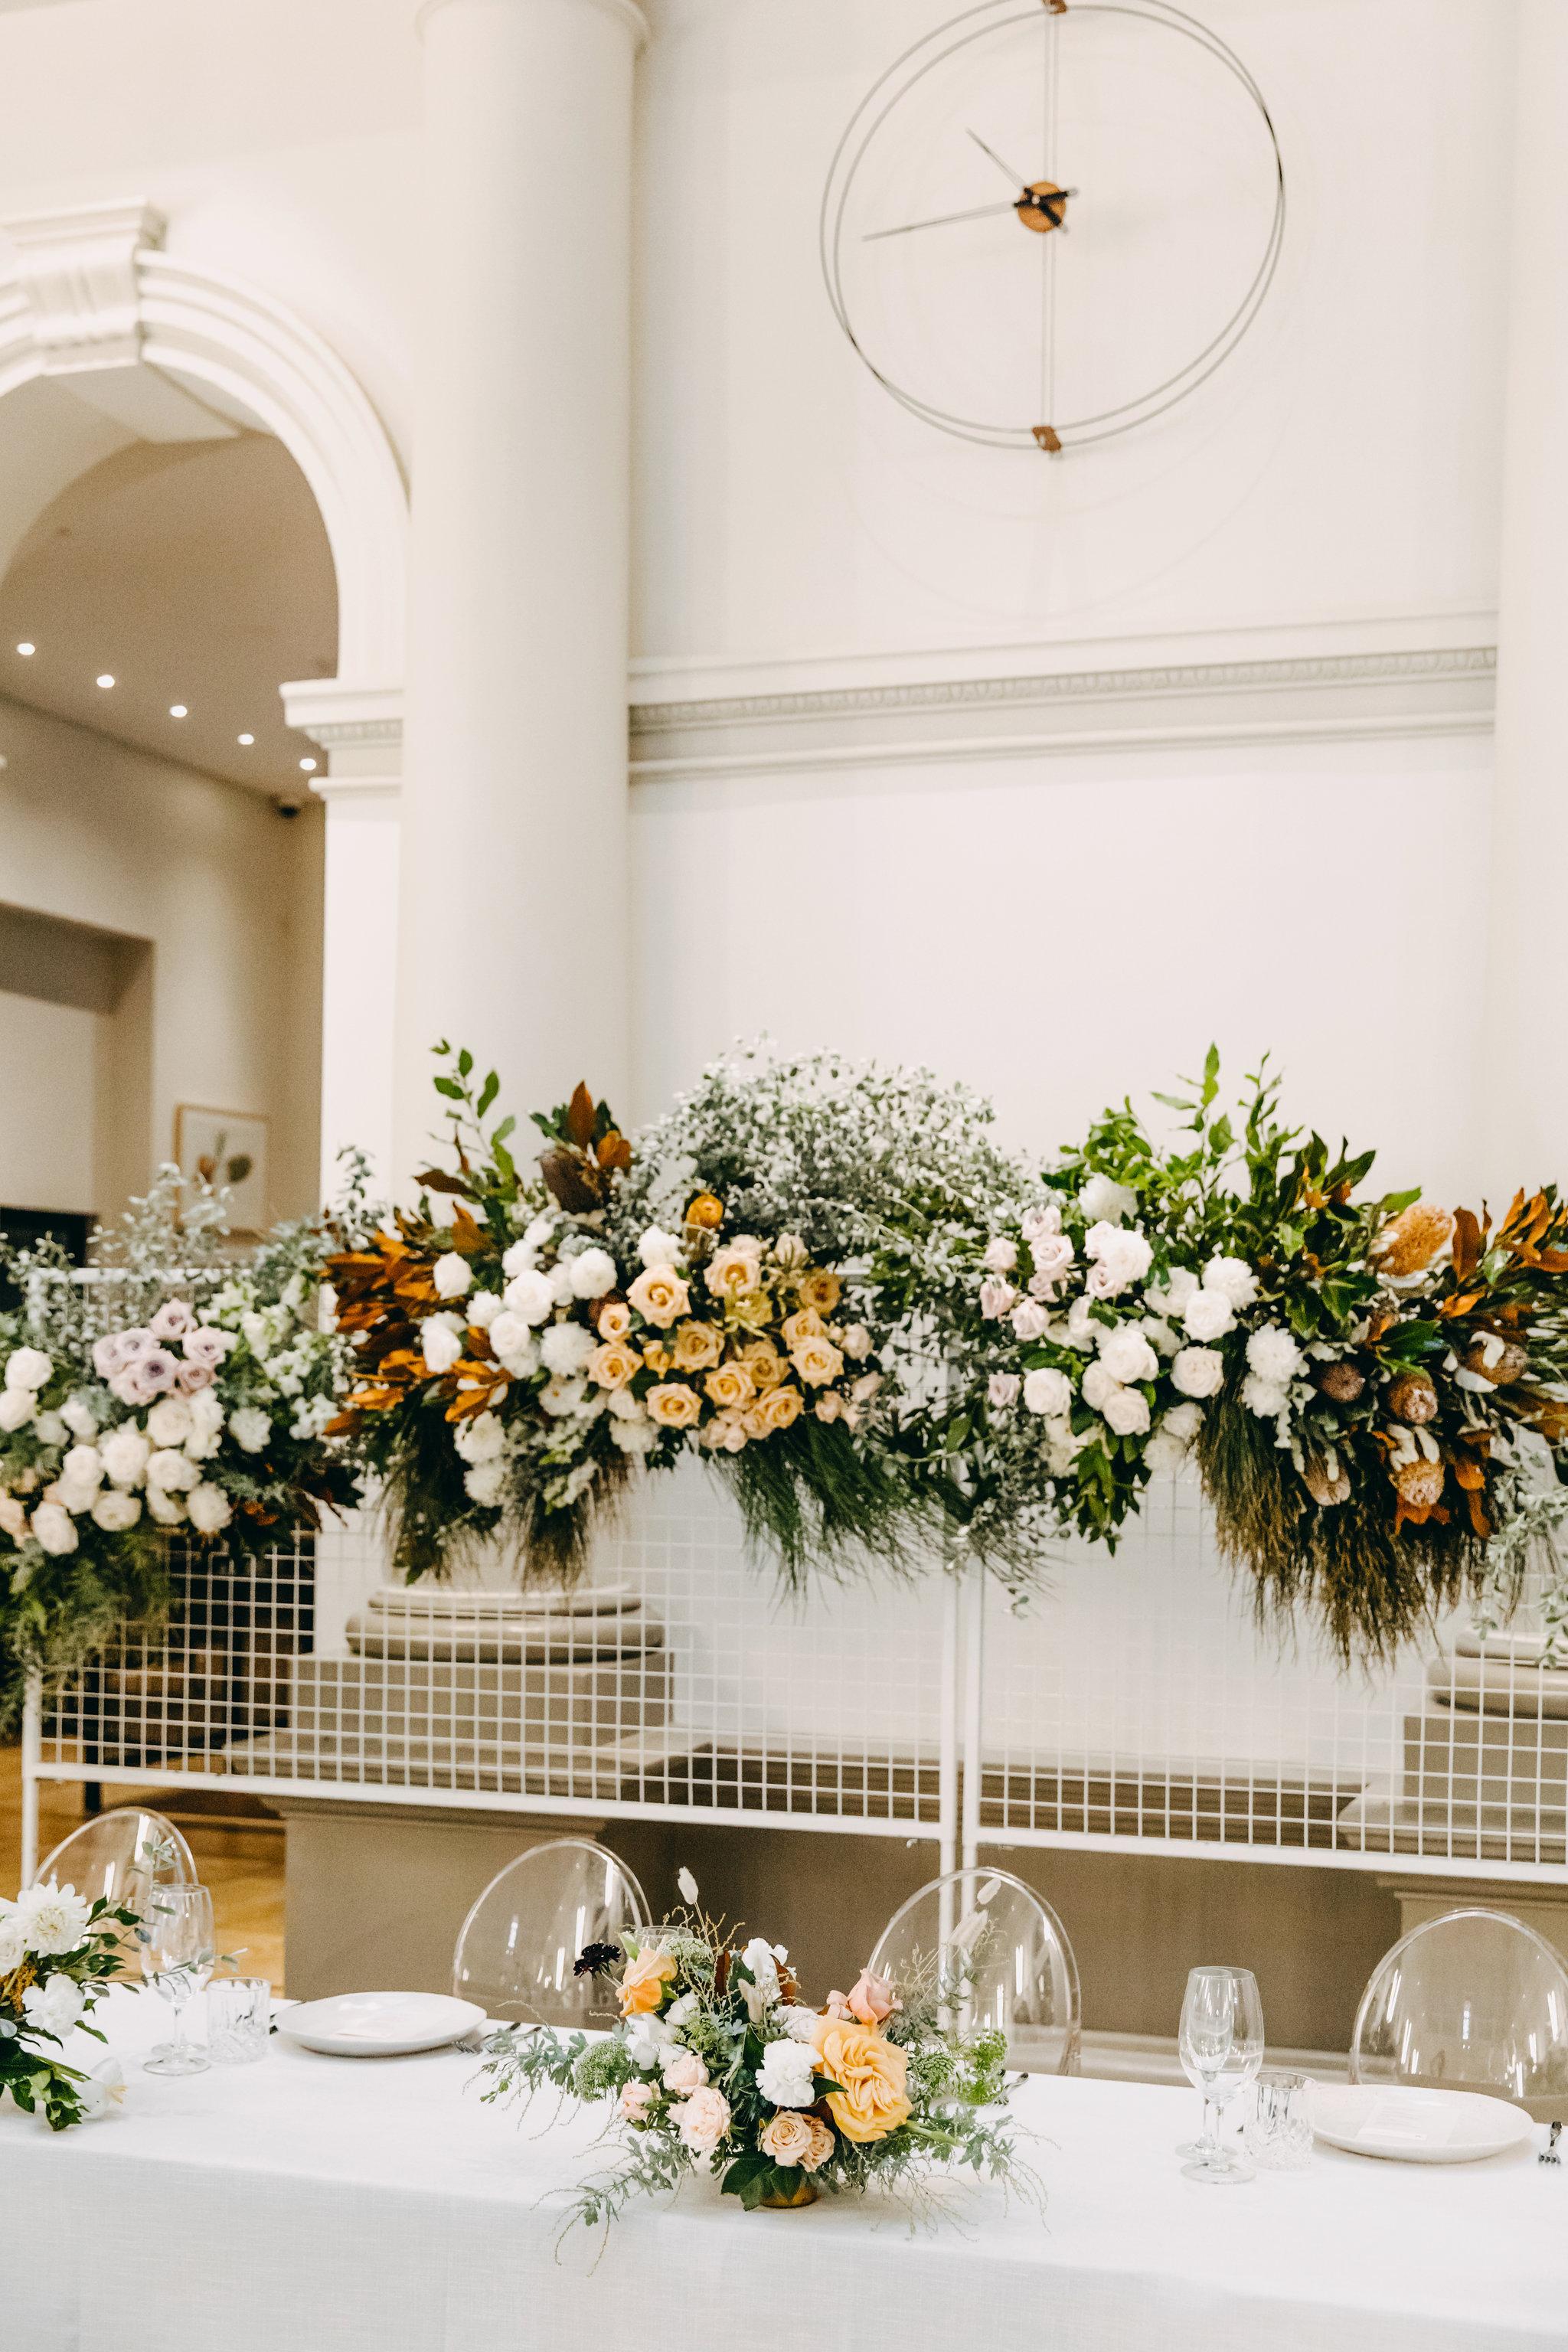 WEDDINGOPENDAY-STATEBUILDINGS-APR2018-6